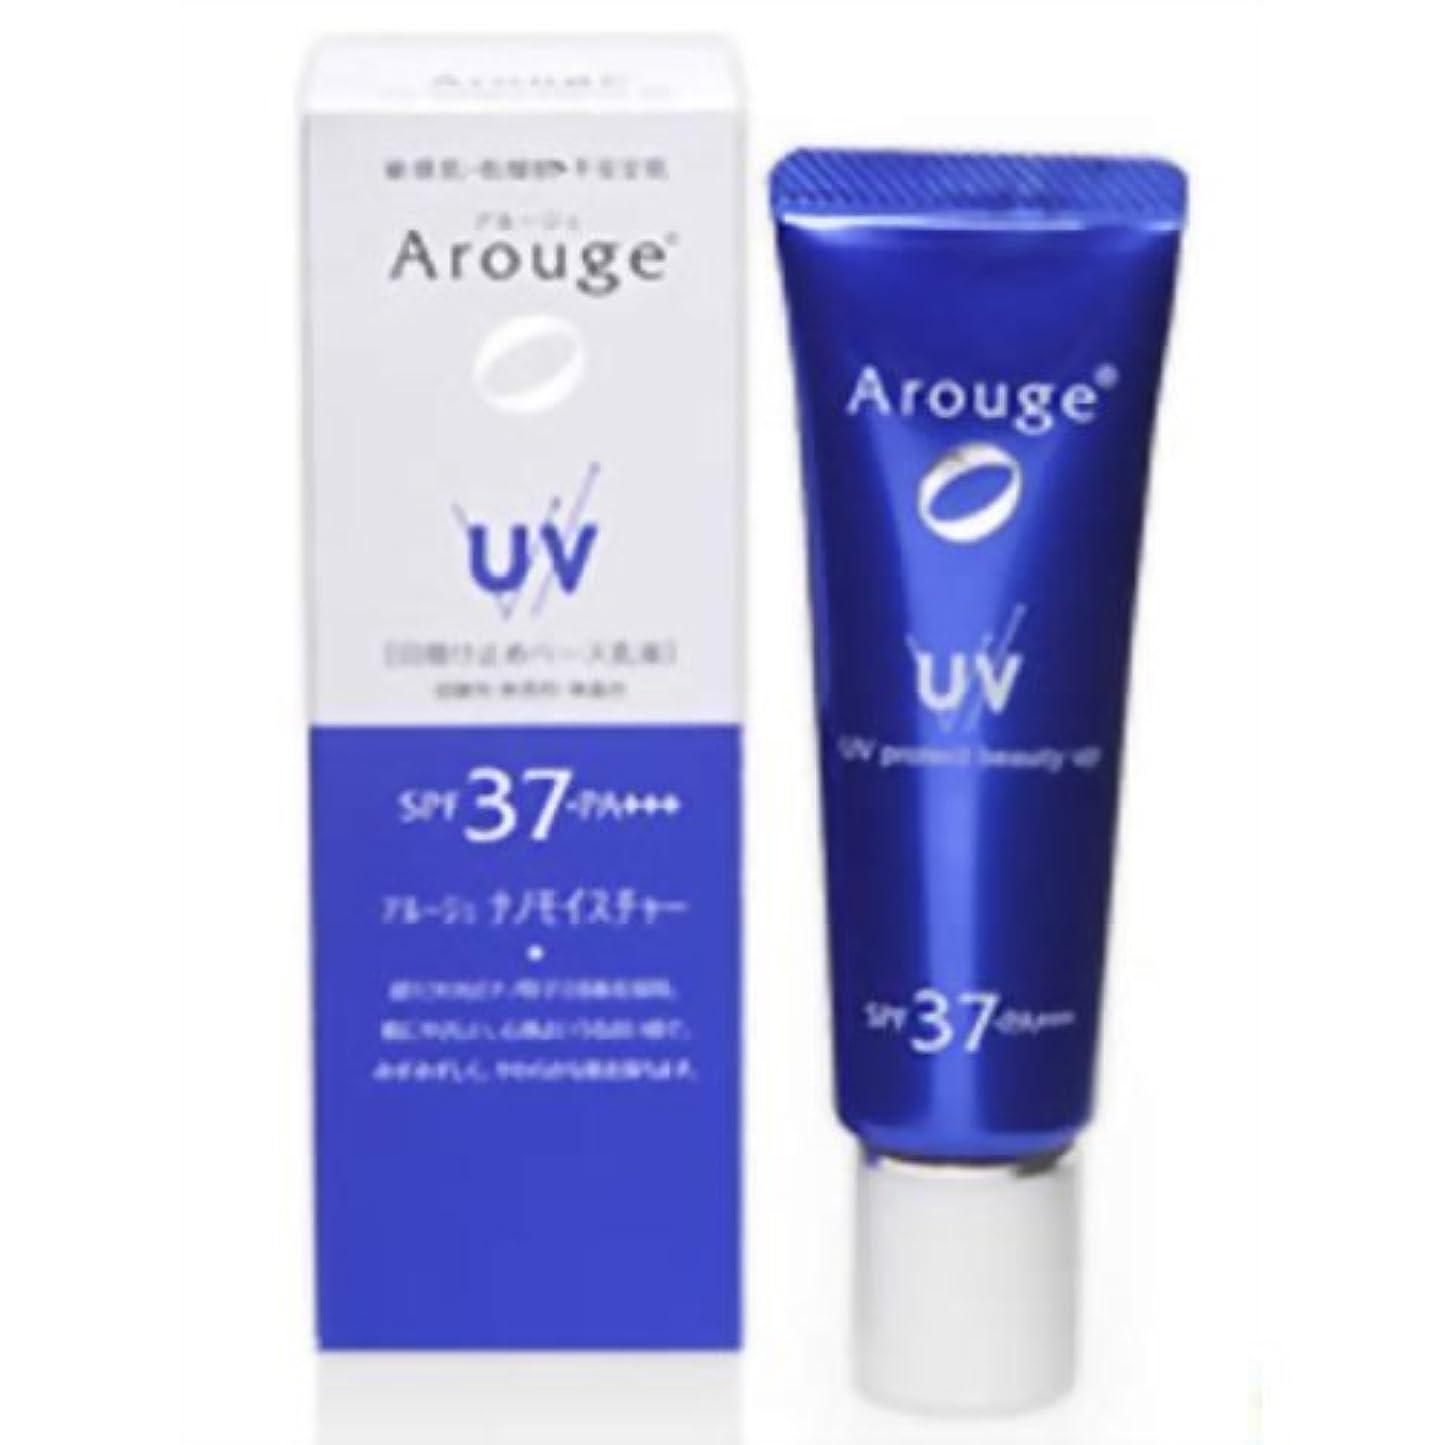 明らかペイン今日アルージェ UVプロテクトビューティーアップ 25g